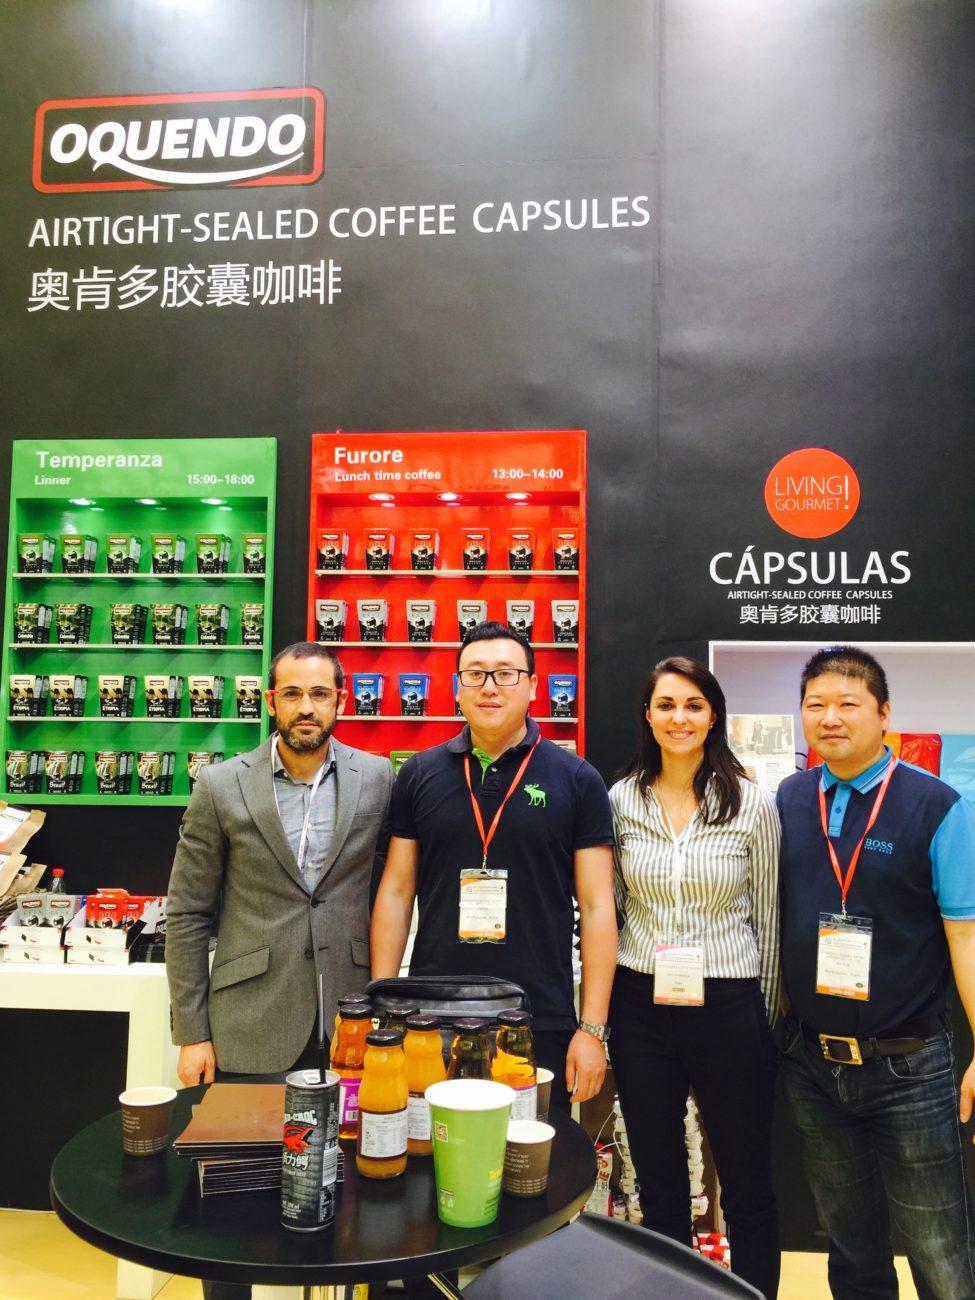 Cafés Oquendo en Sial China